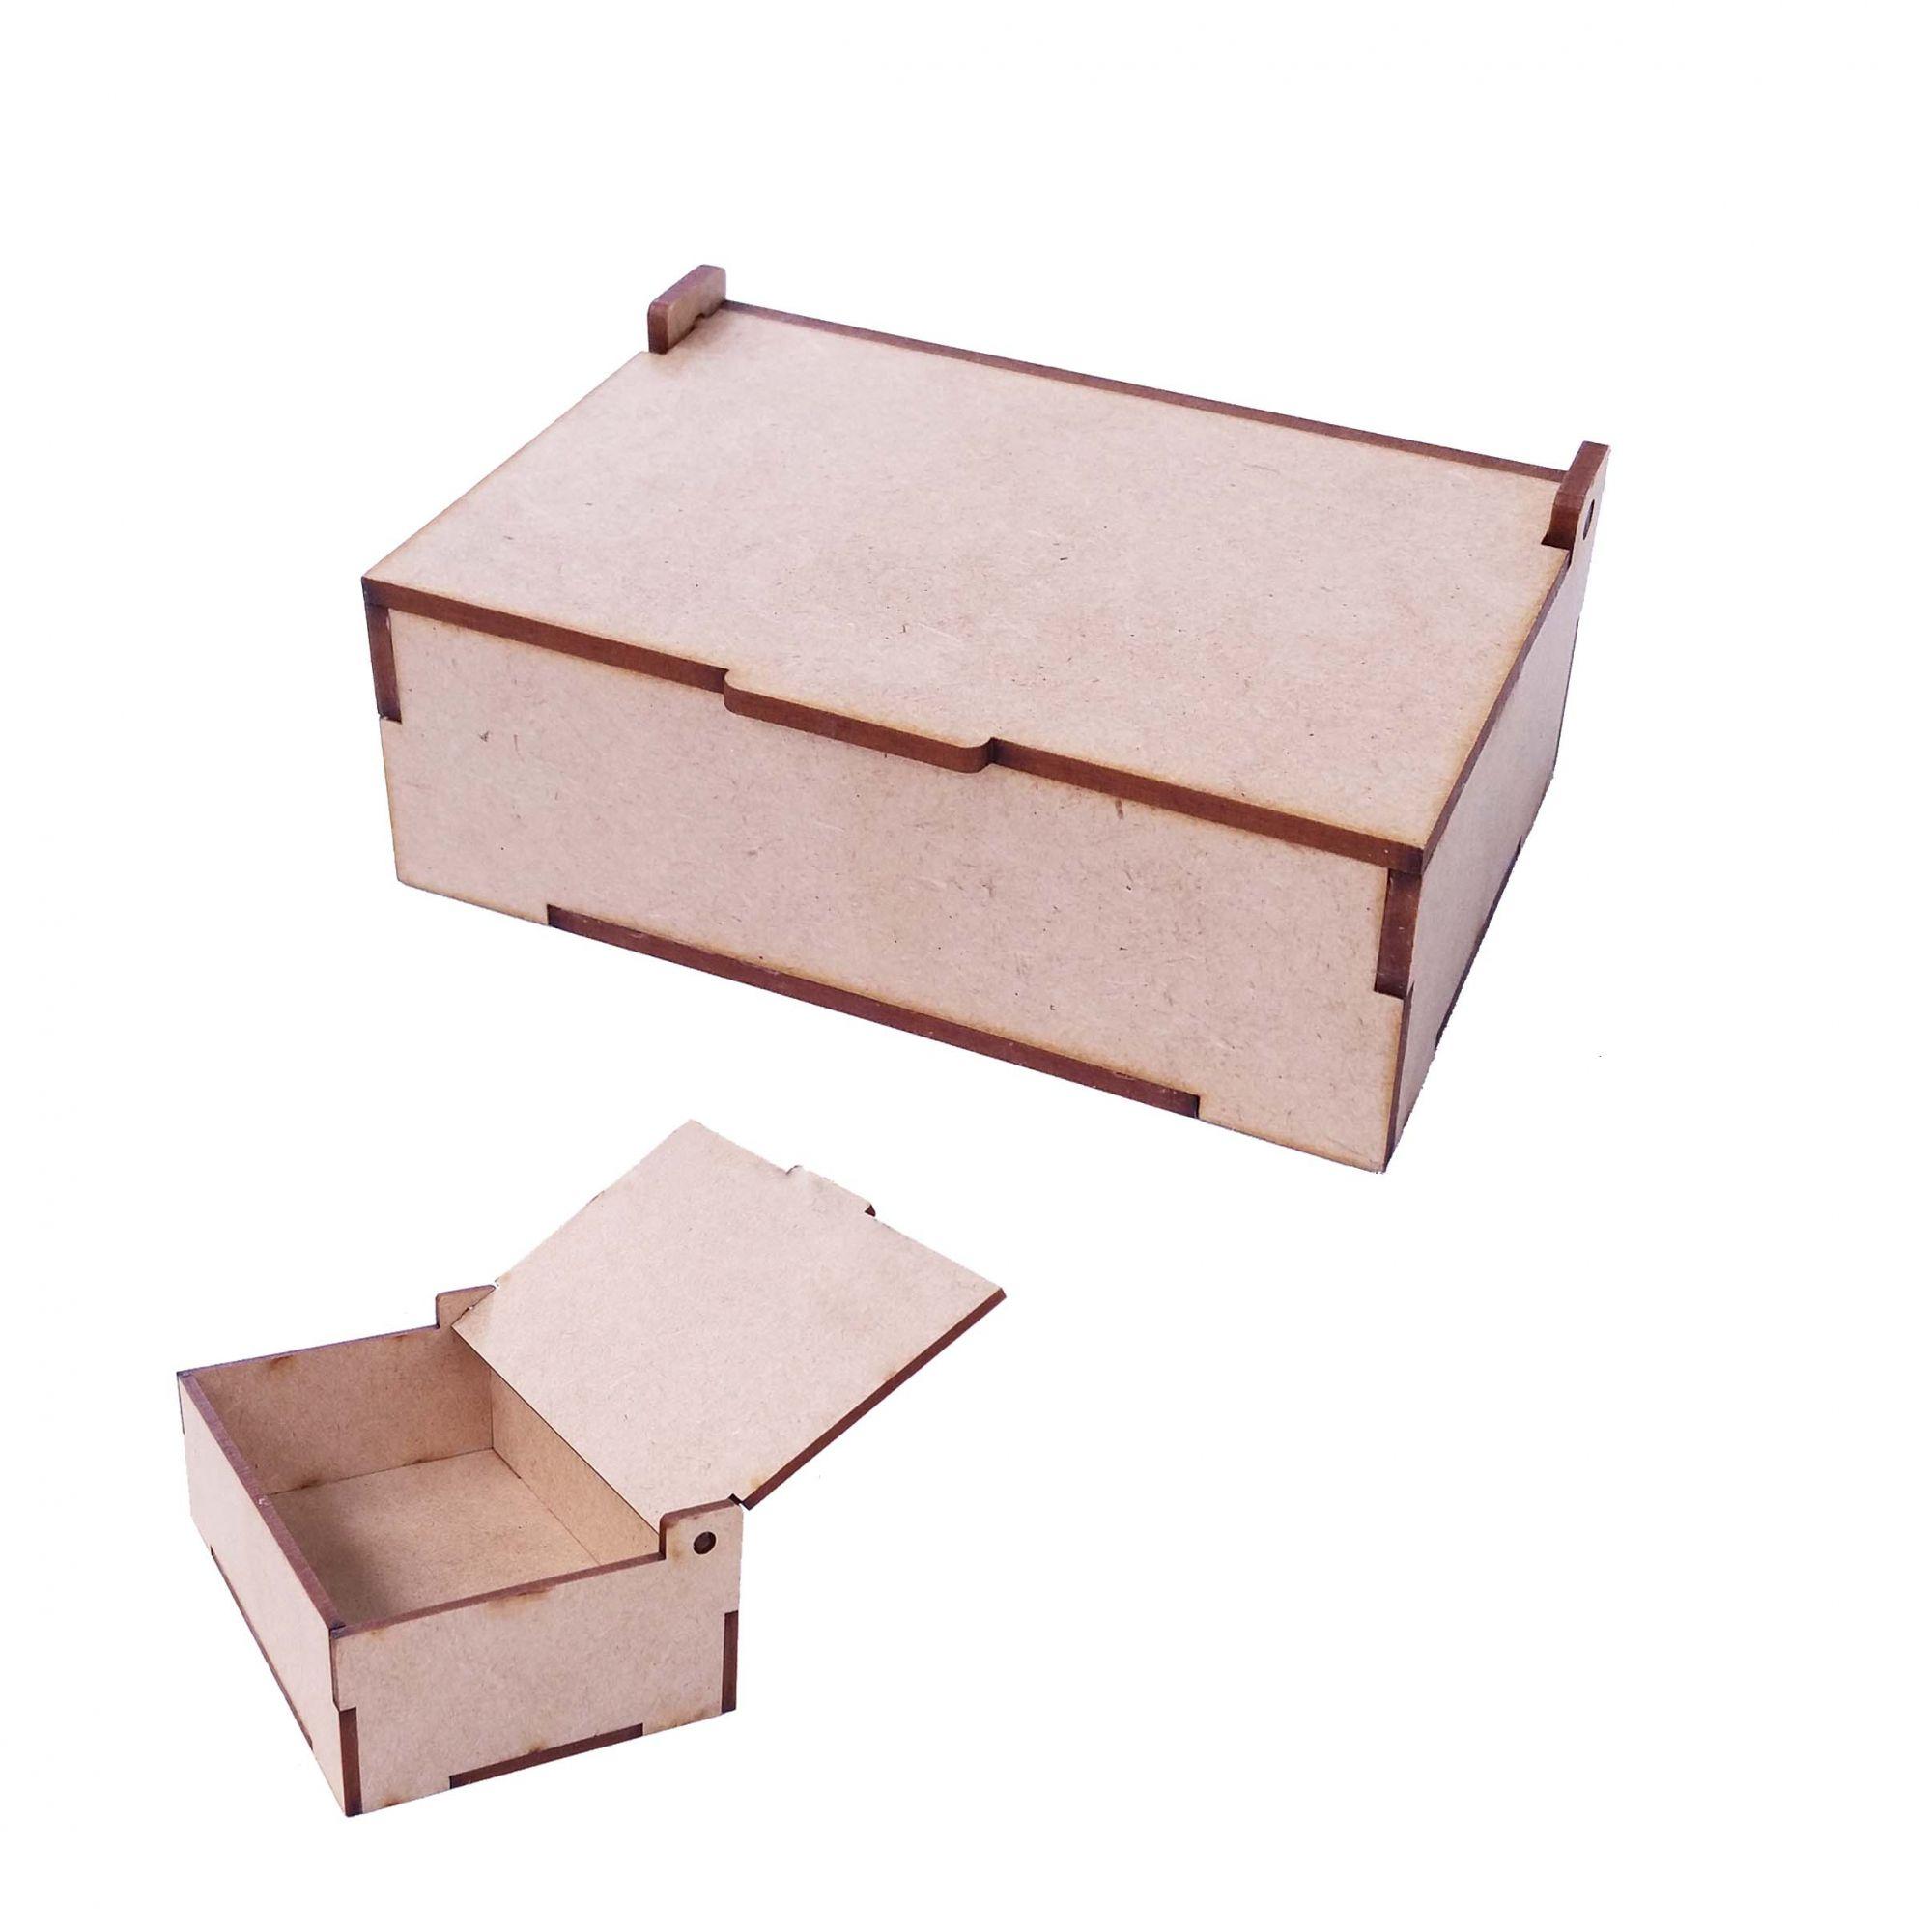 Caixa caixinha mdf 20 x 15 x 10cm baú tampa articulada